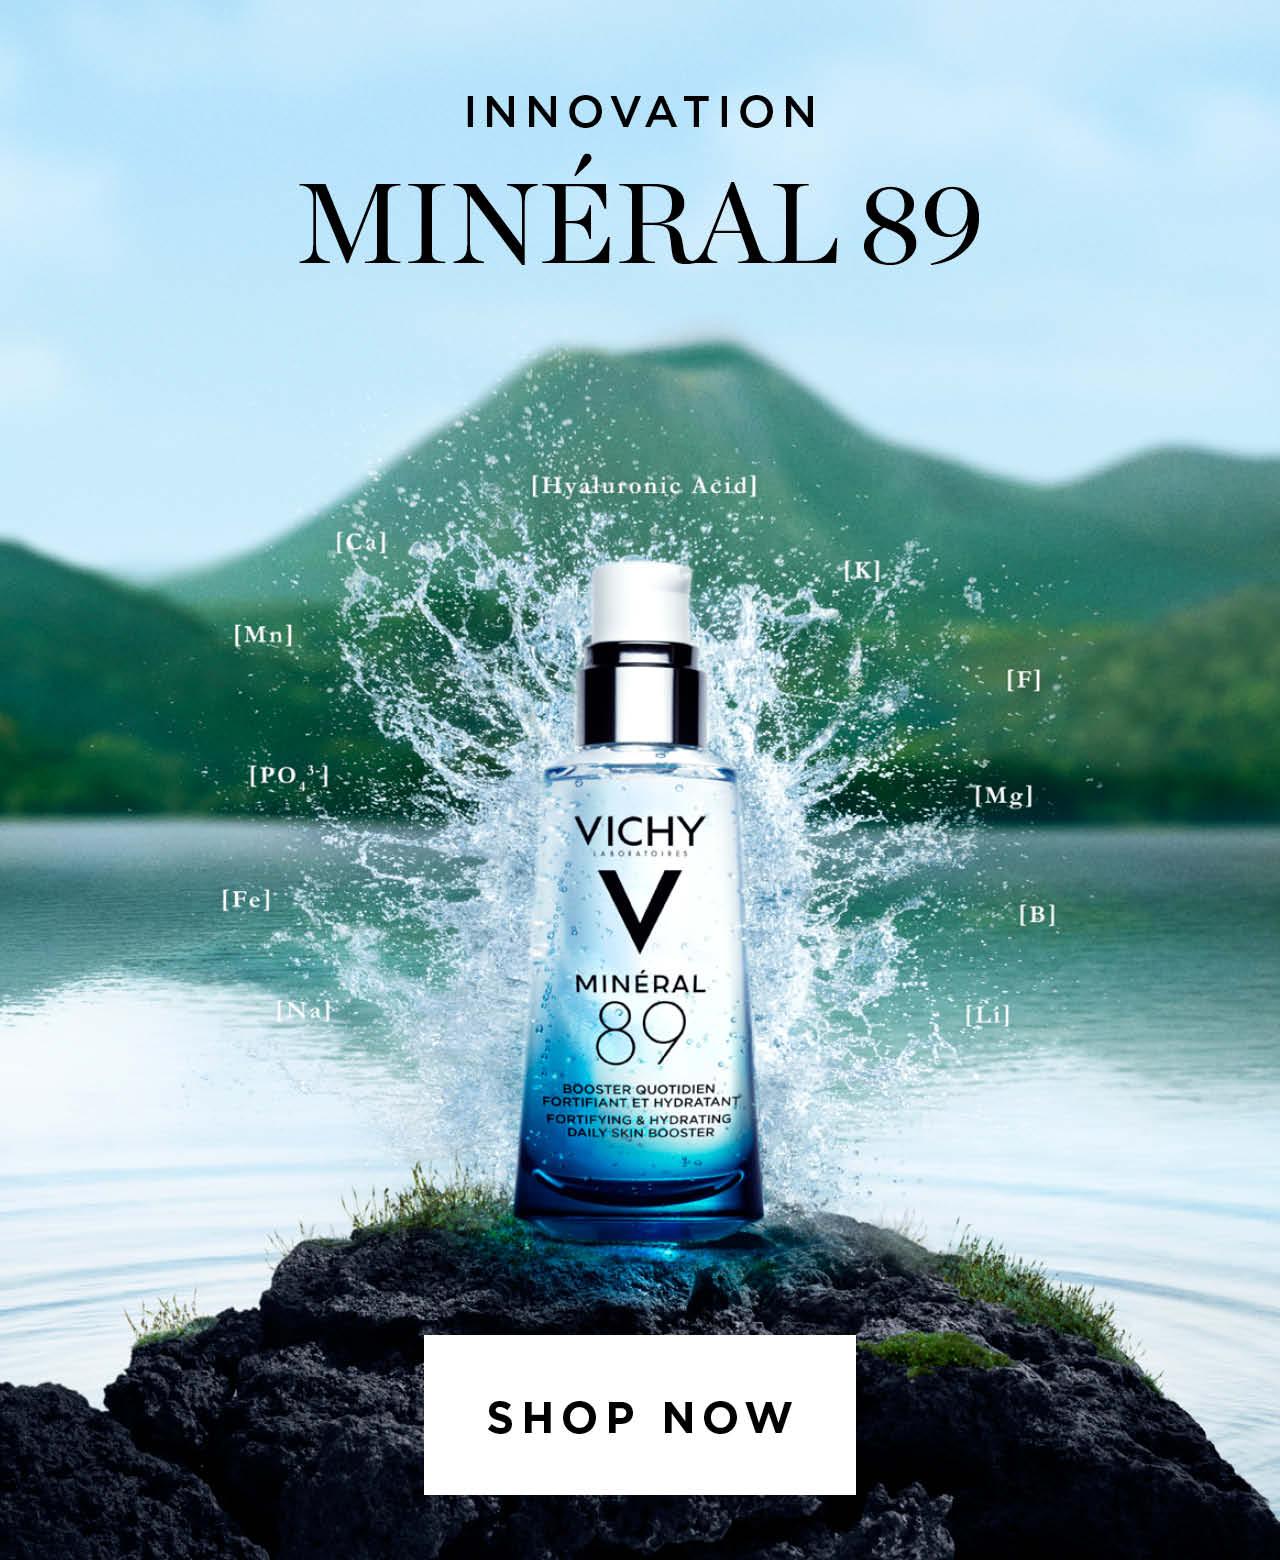 Ежедневная доза силы для красоты вашей кожи